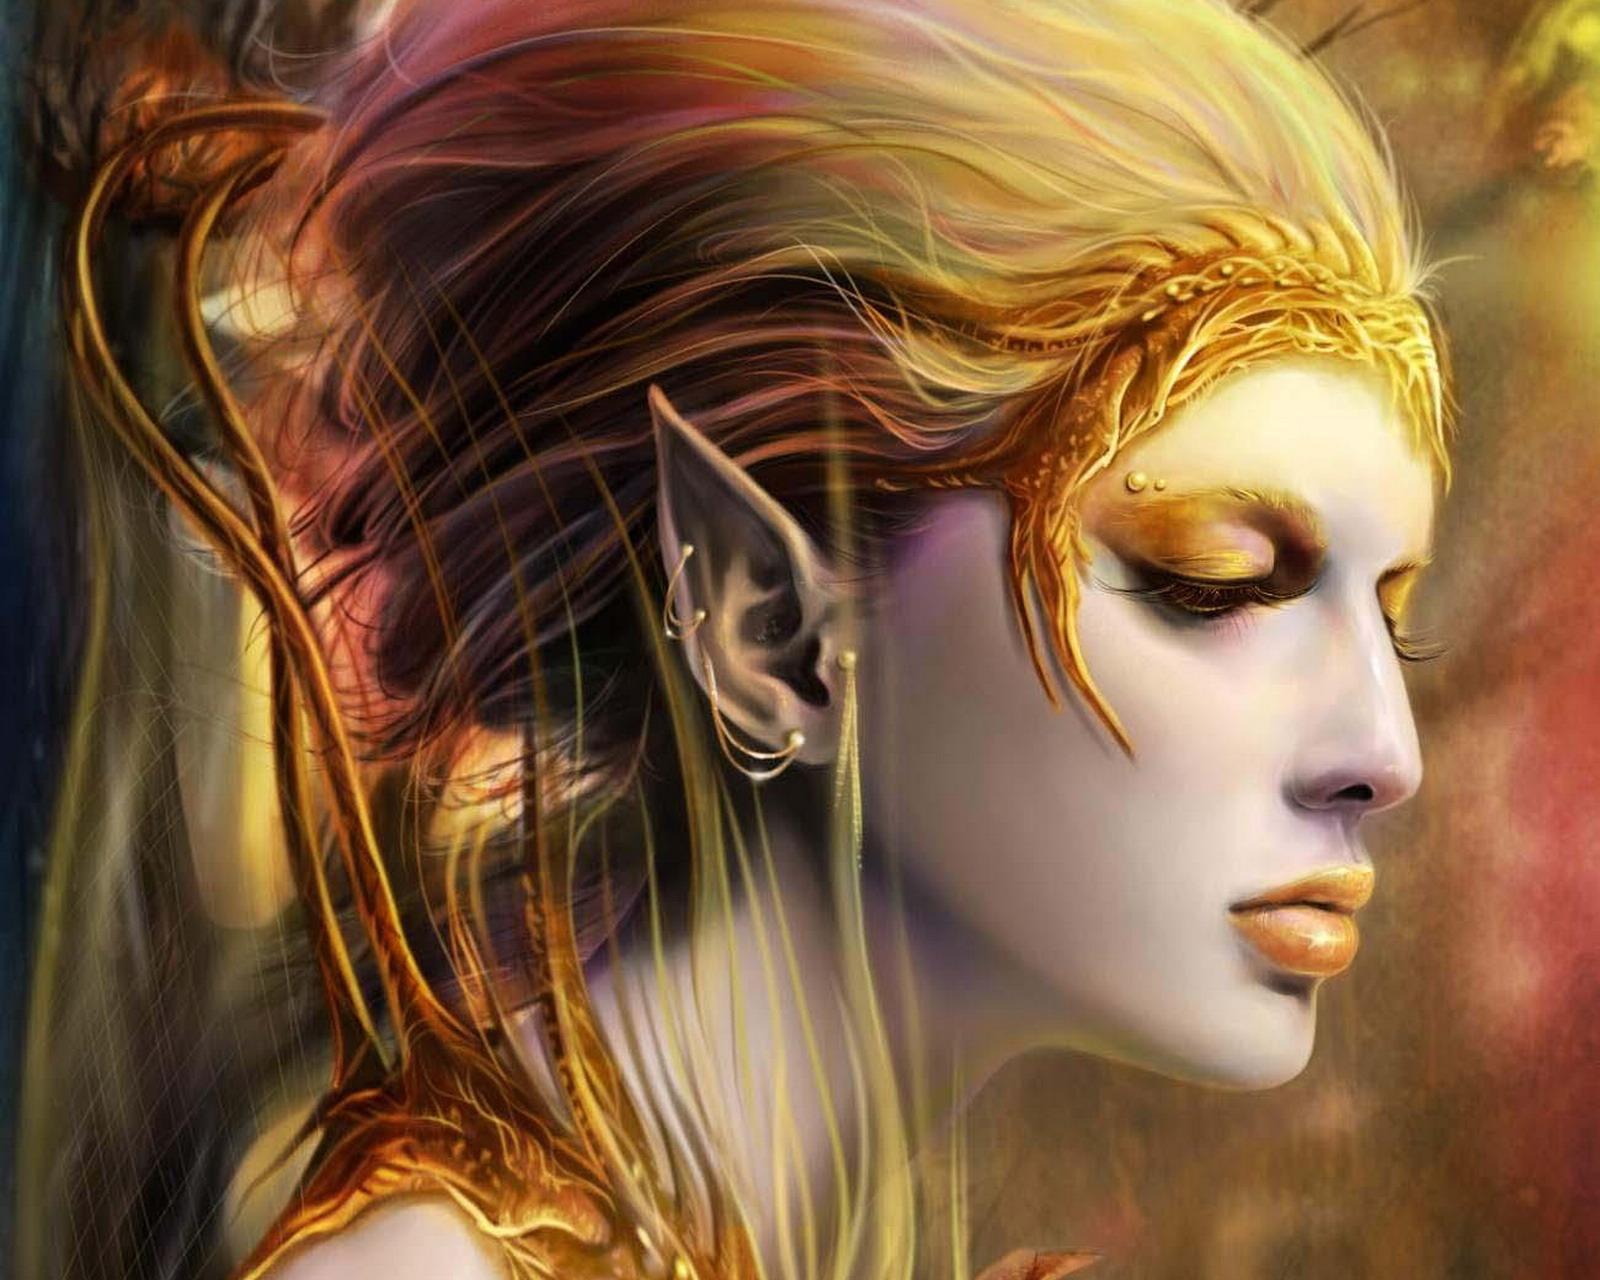 бледная девушка эльф, elf women, wallpaper, рисунок